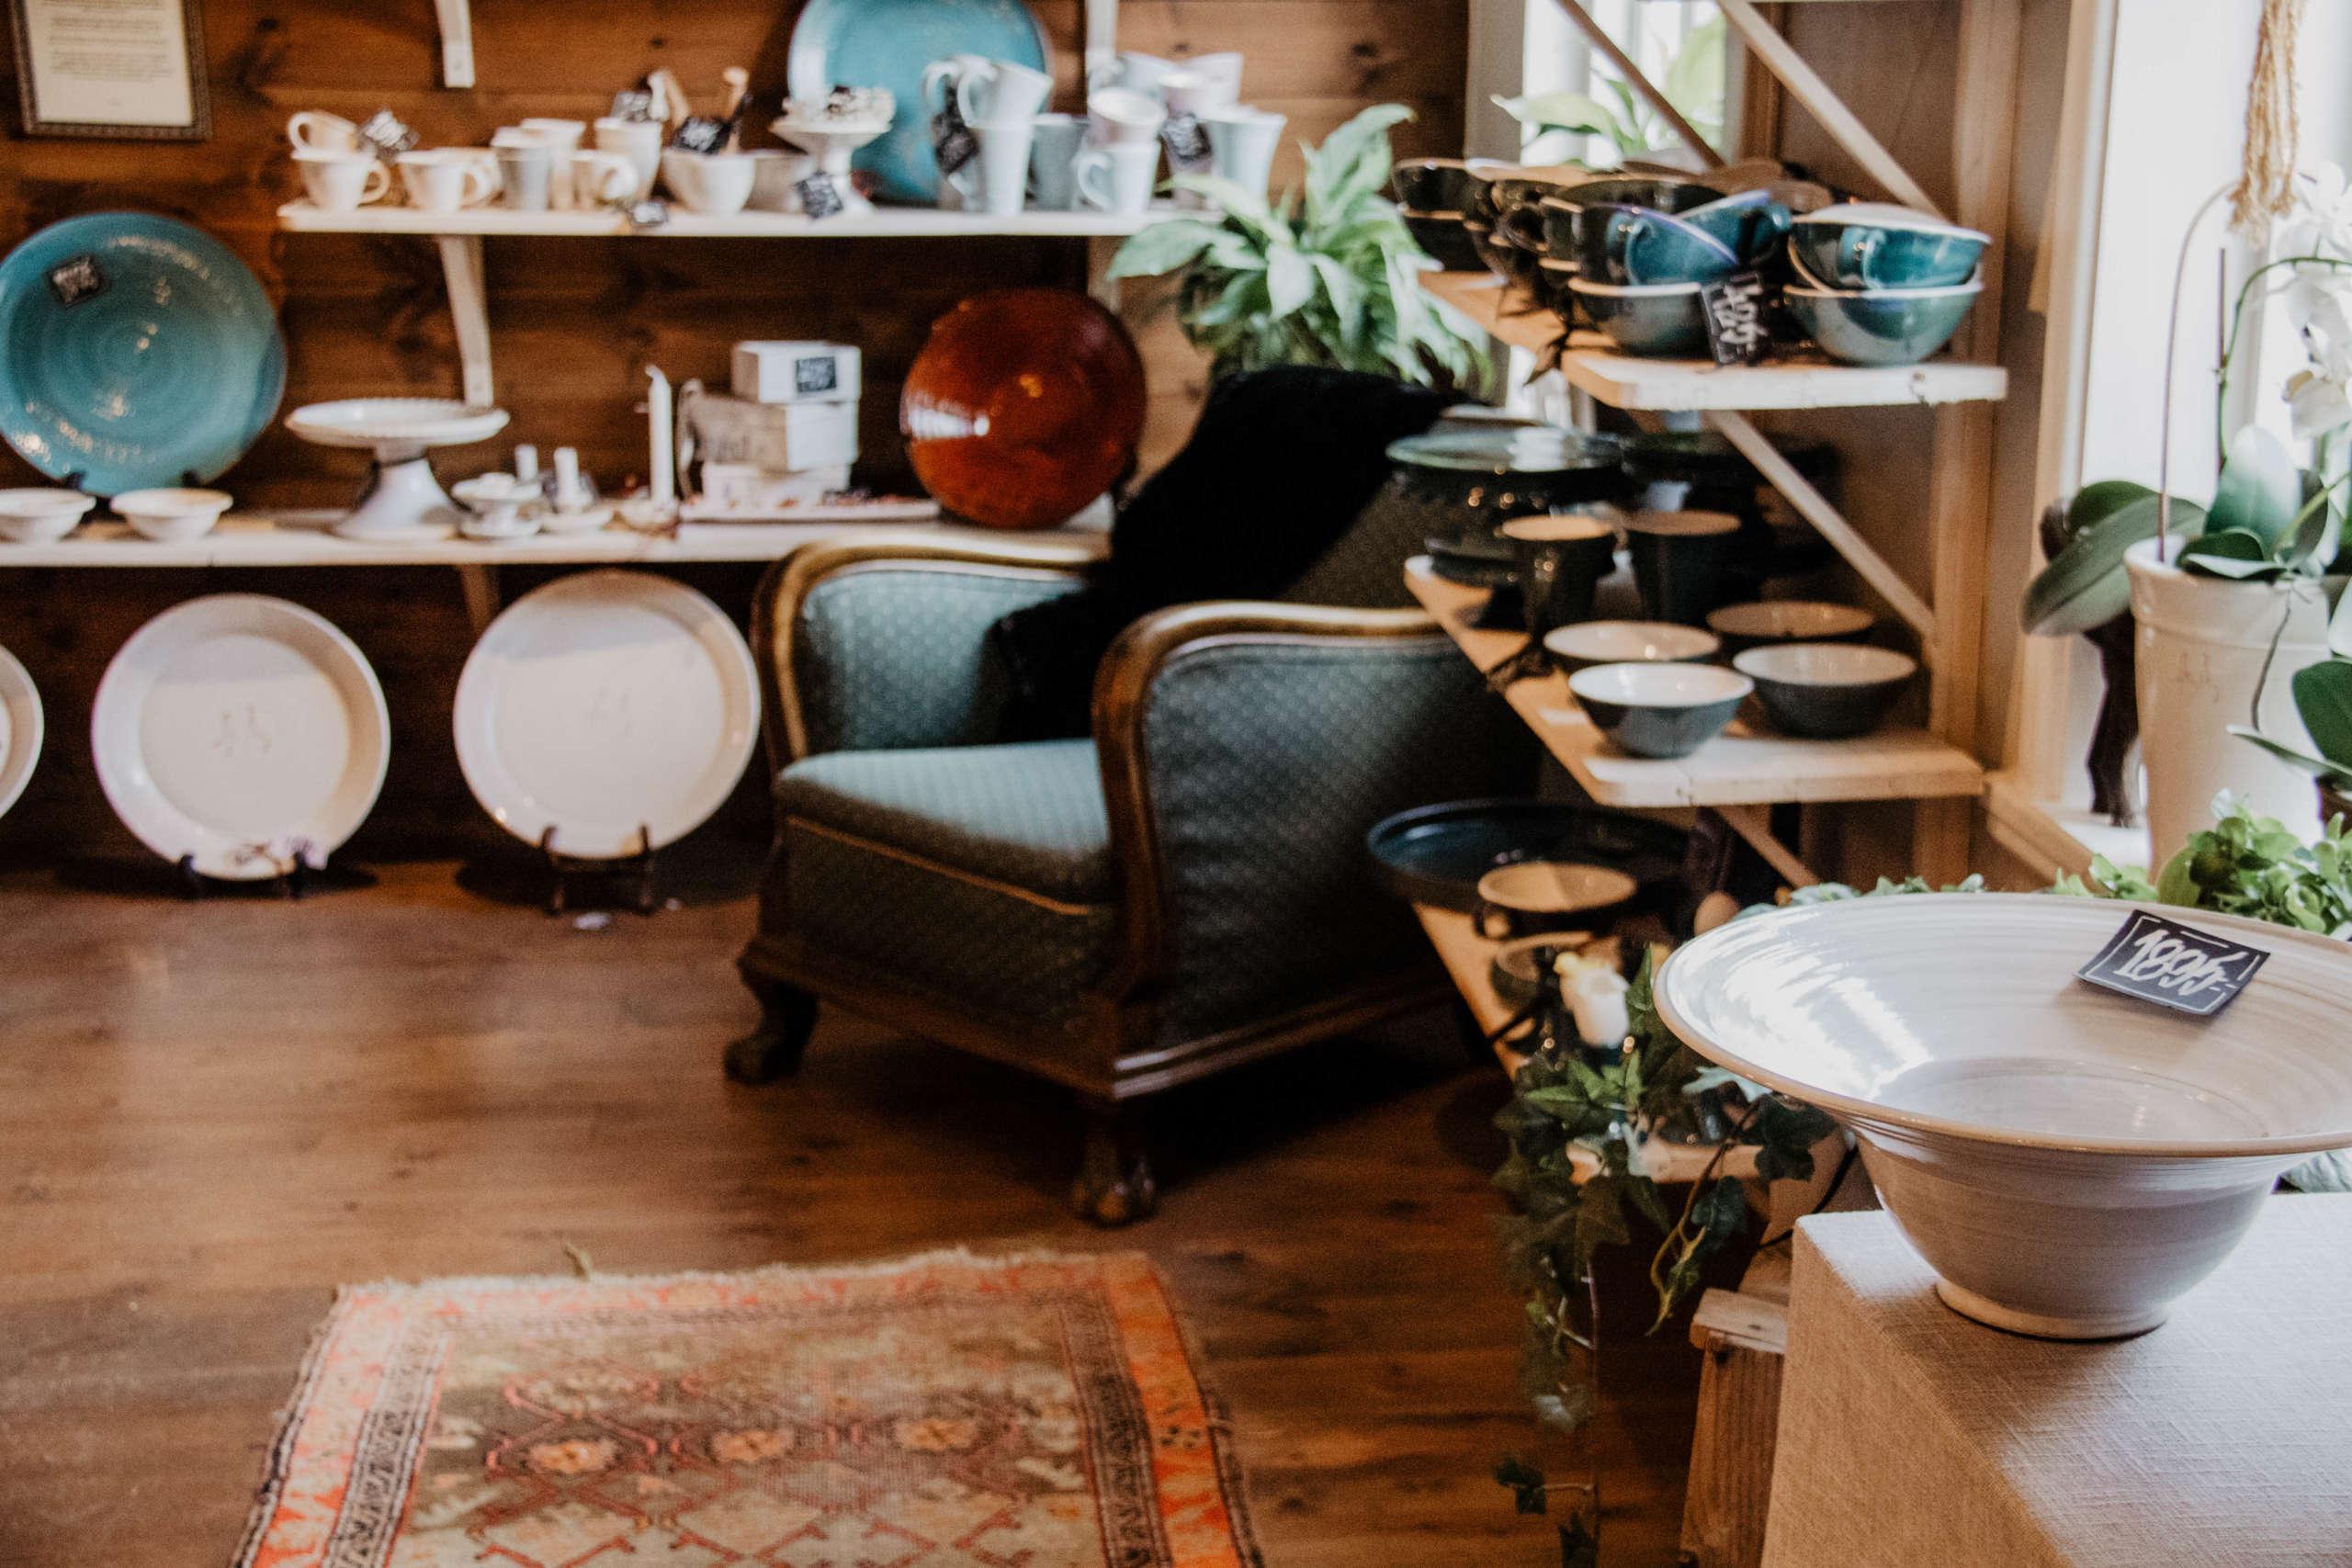 In einem kleinen Geschäft mit Holzboden steht ein großer dunkelbrauner Holzsessel mit grünem Polster, um ihn herum türmen sich allerlei Keramikwaren wie Teller, Tassen und Schüsseln auf.